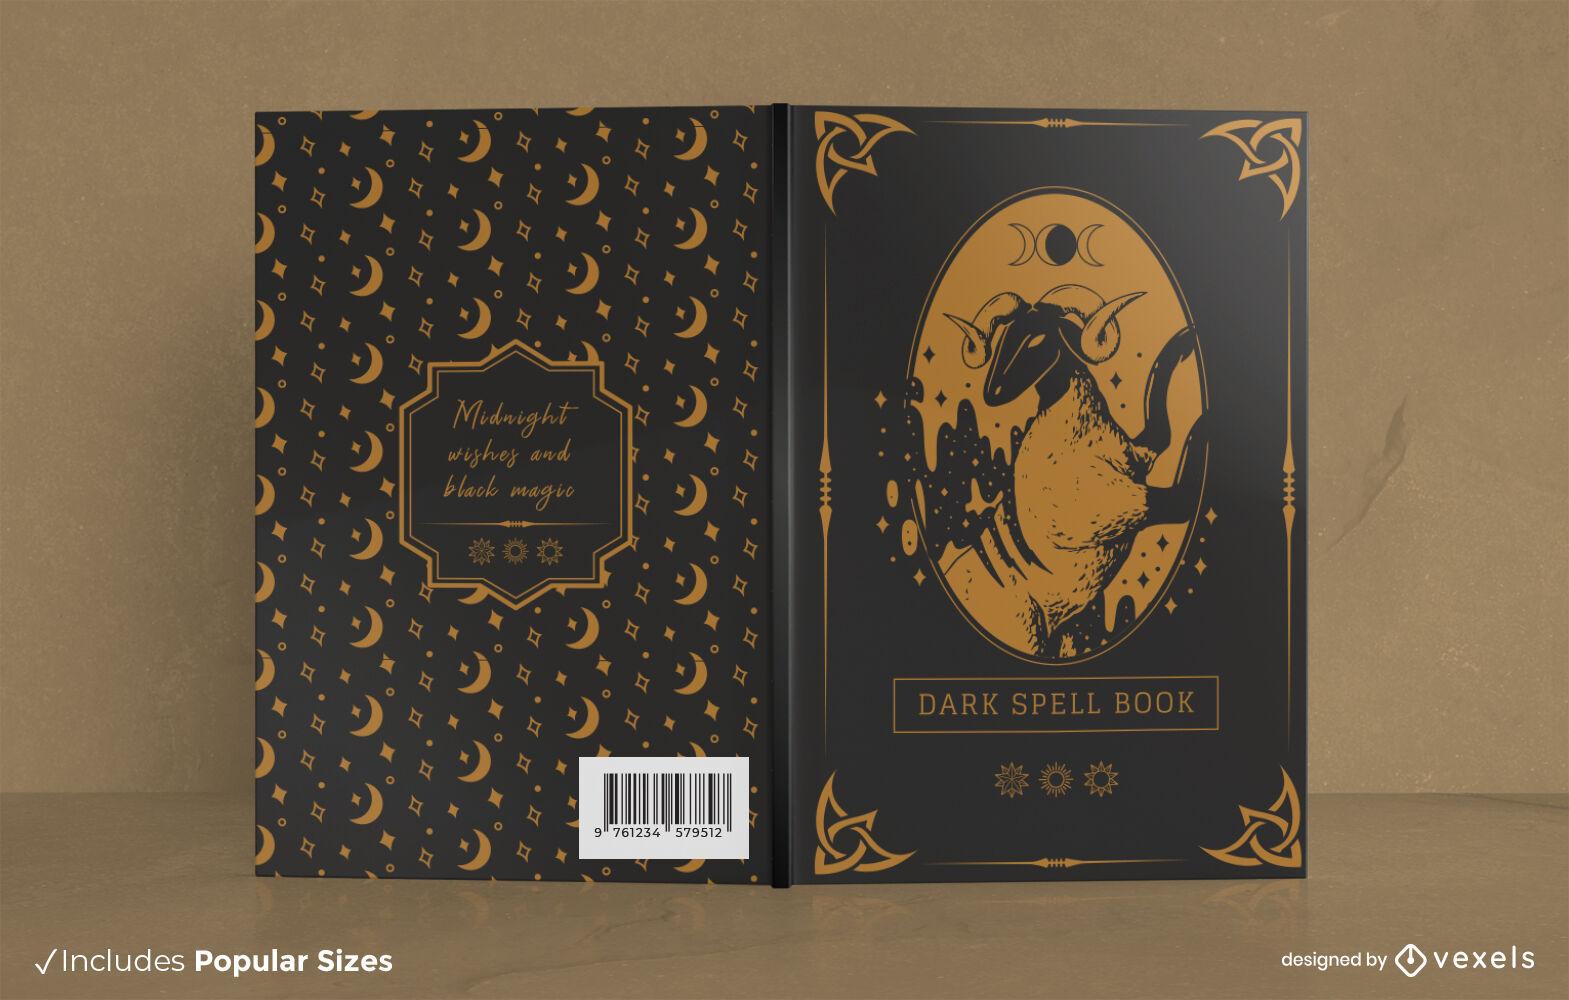 Dark witchcraft spell book cover design